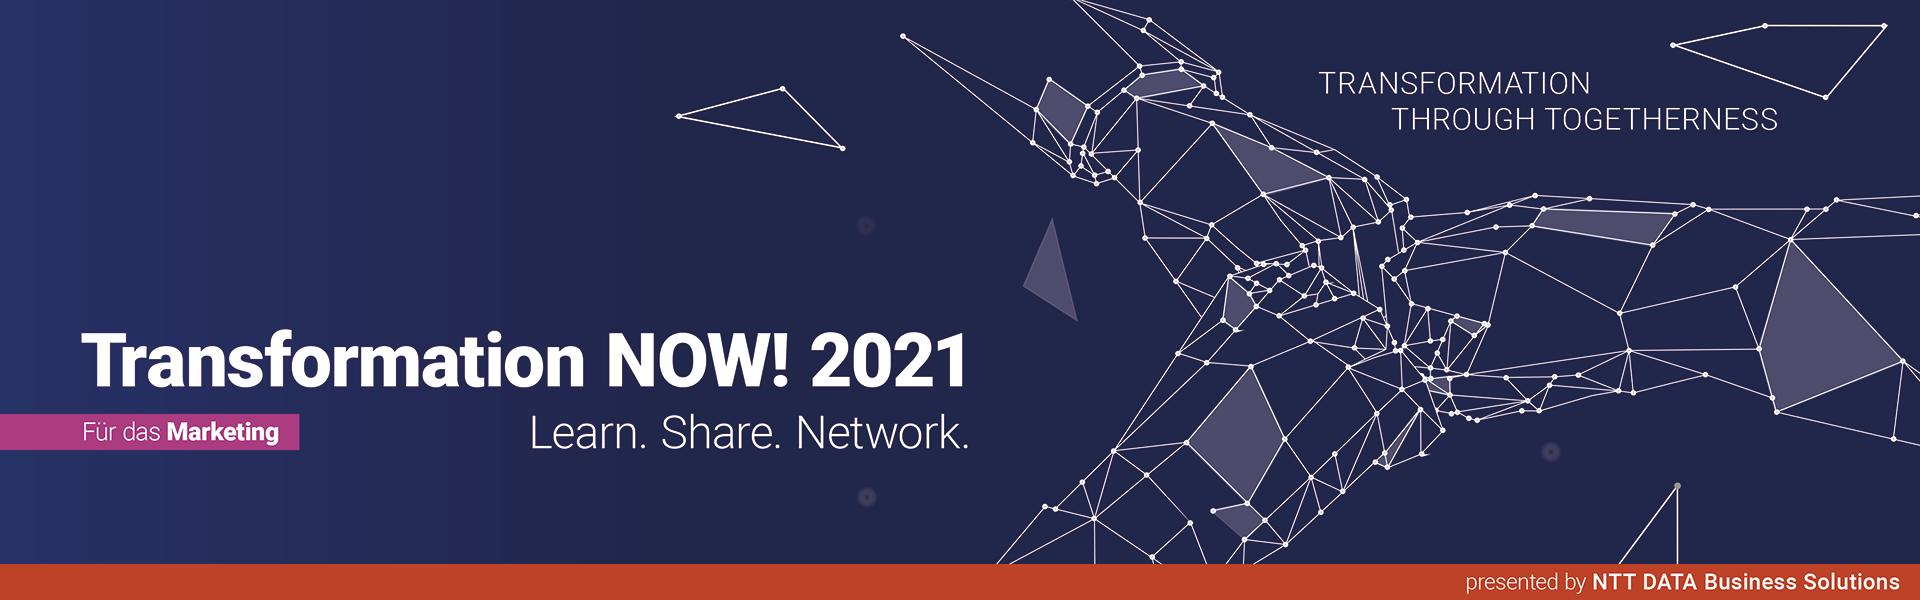 Transformation NOW! 2021 für das Marketing